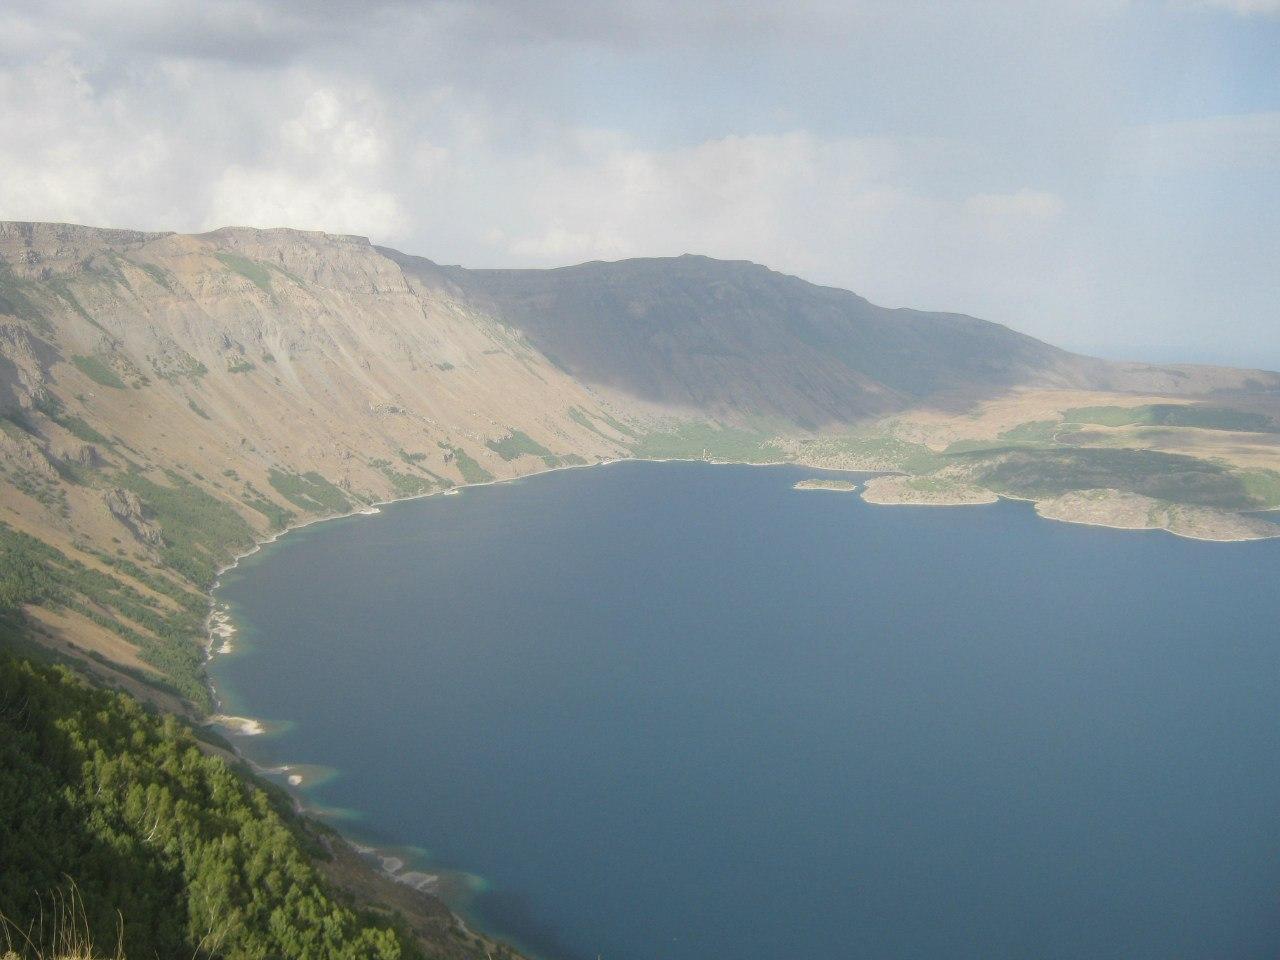 кратер вулкана Немрут и озеро Немрут